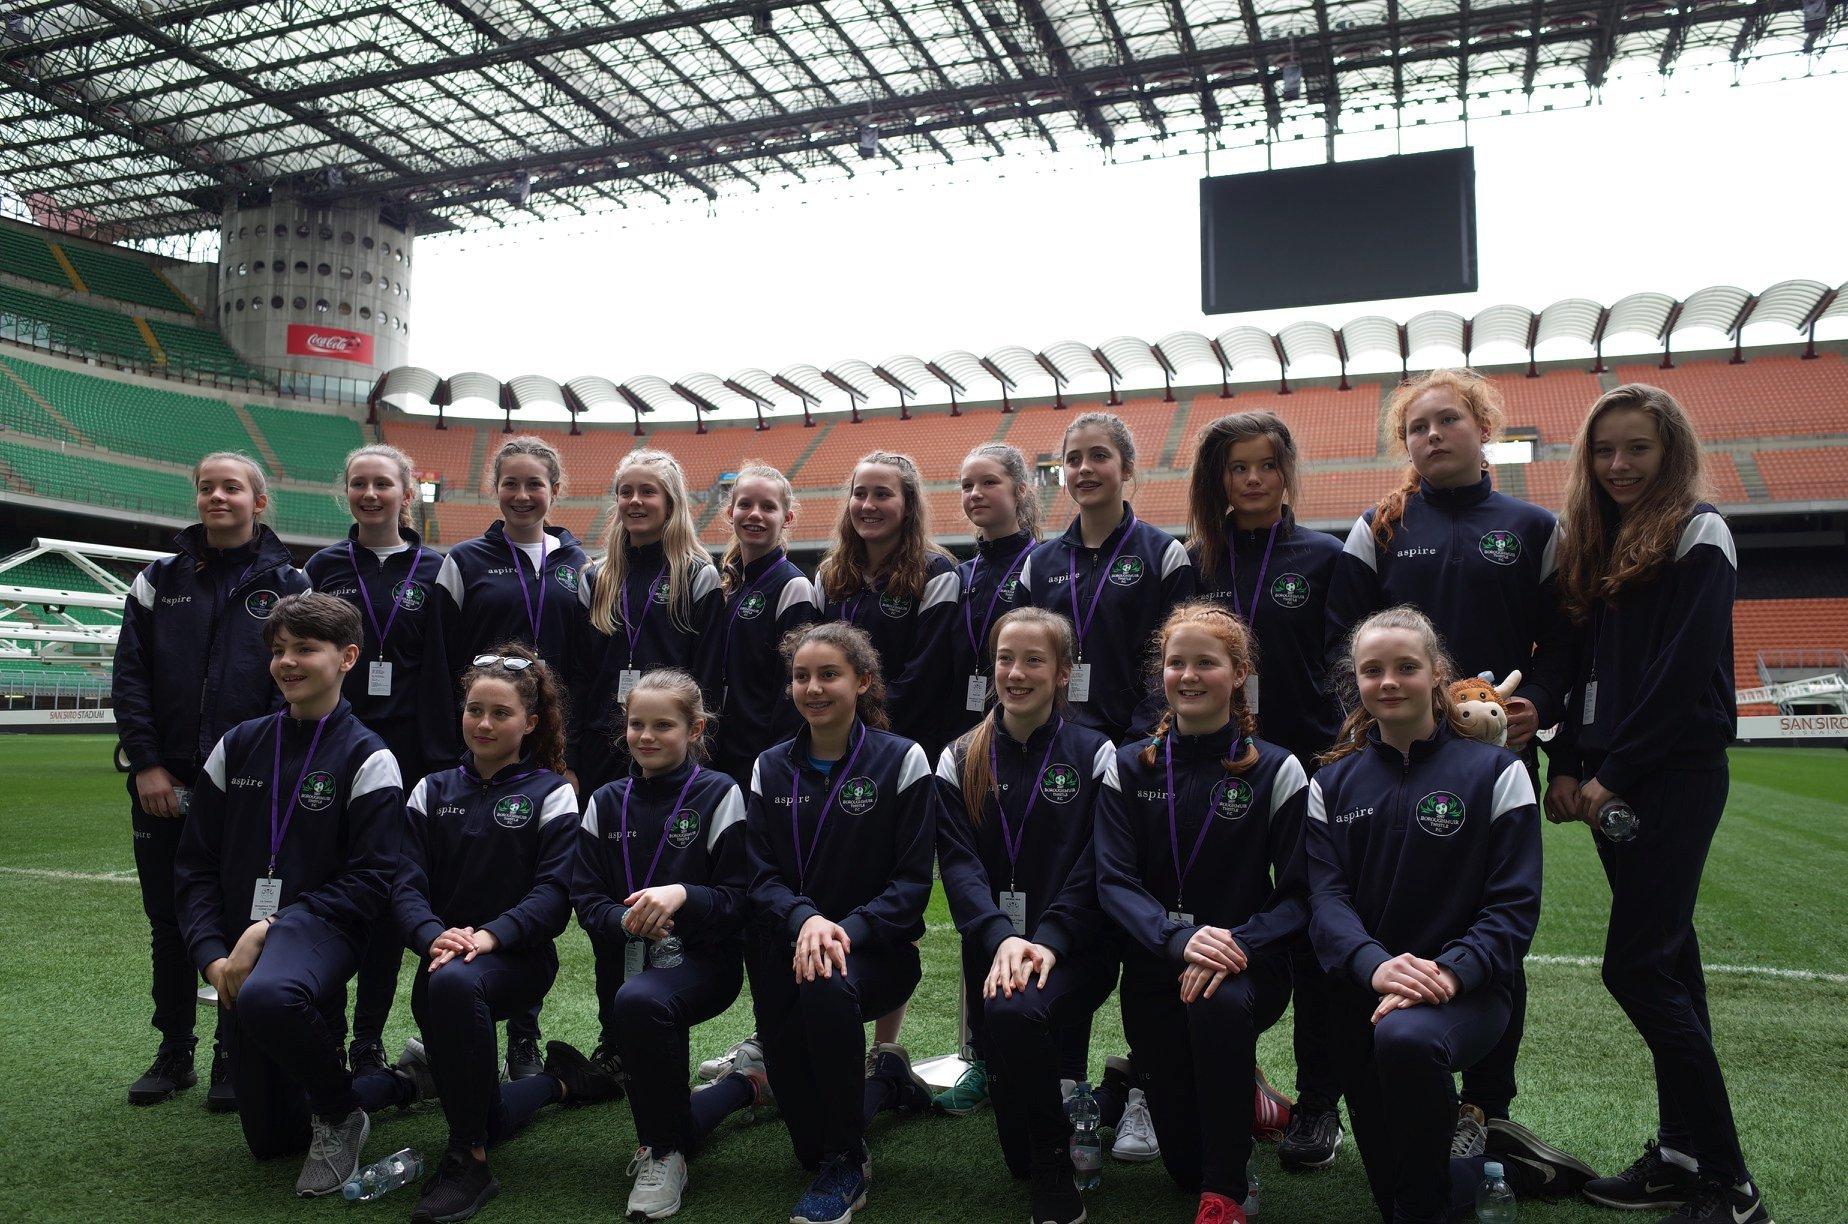 Boroughmuir FC San Siro trip